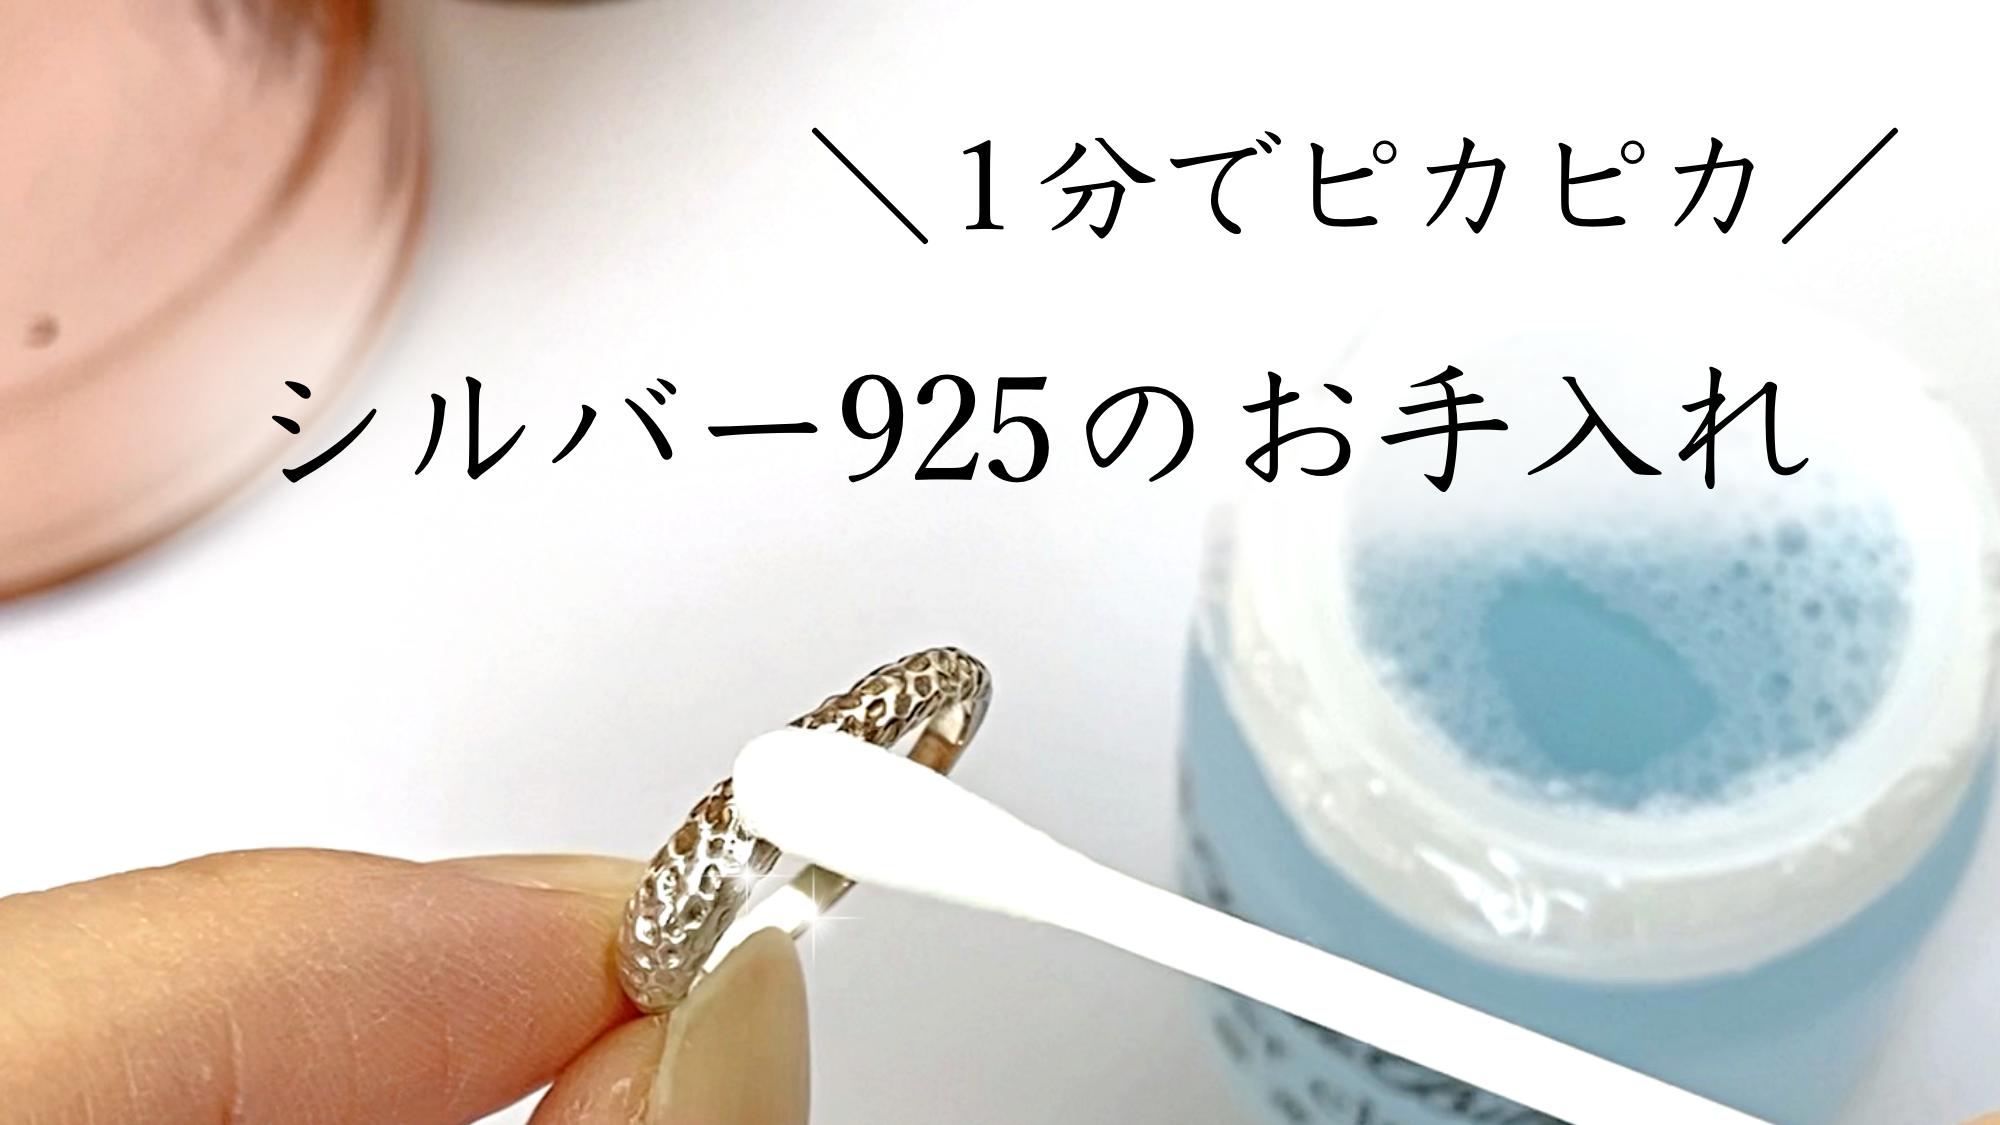 【1分でピカピカ】silver925アイテムのお手入れ